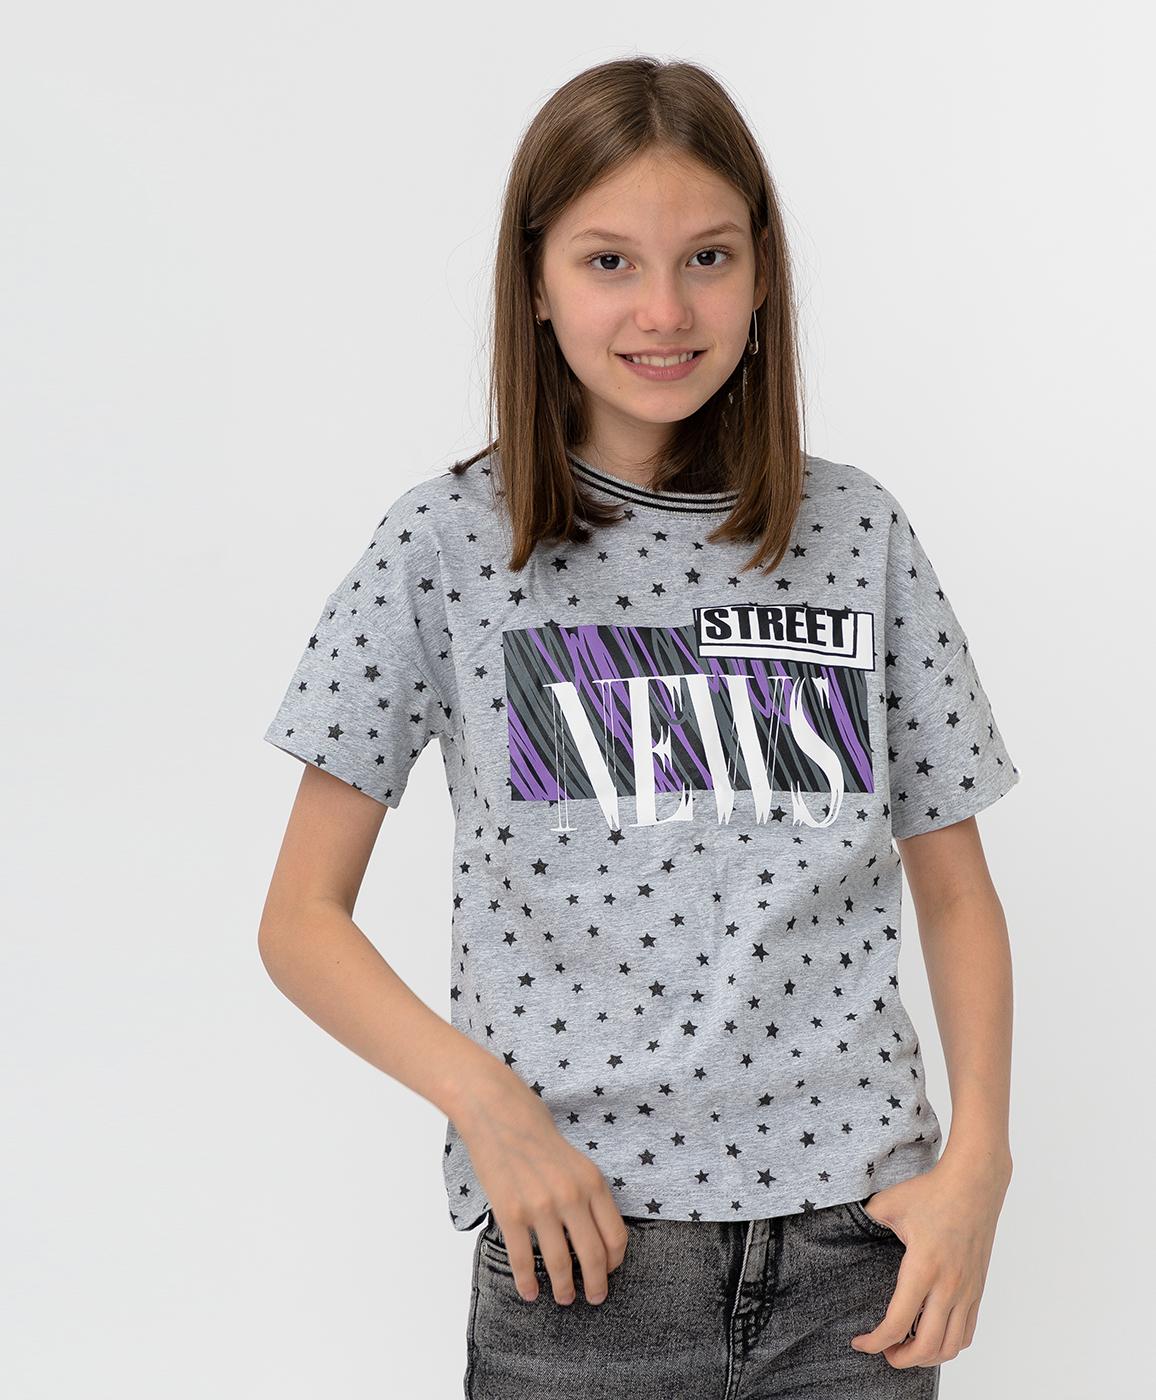 Купить 220BBGJC12031901, Серая футболка с принтом Button Blue, серый, 134, Футер, Женский, Демисезон, ОСЕНЬ/ЗИМА 2020-2021 (shop: GulliverMarket Gulliver Market)